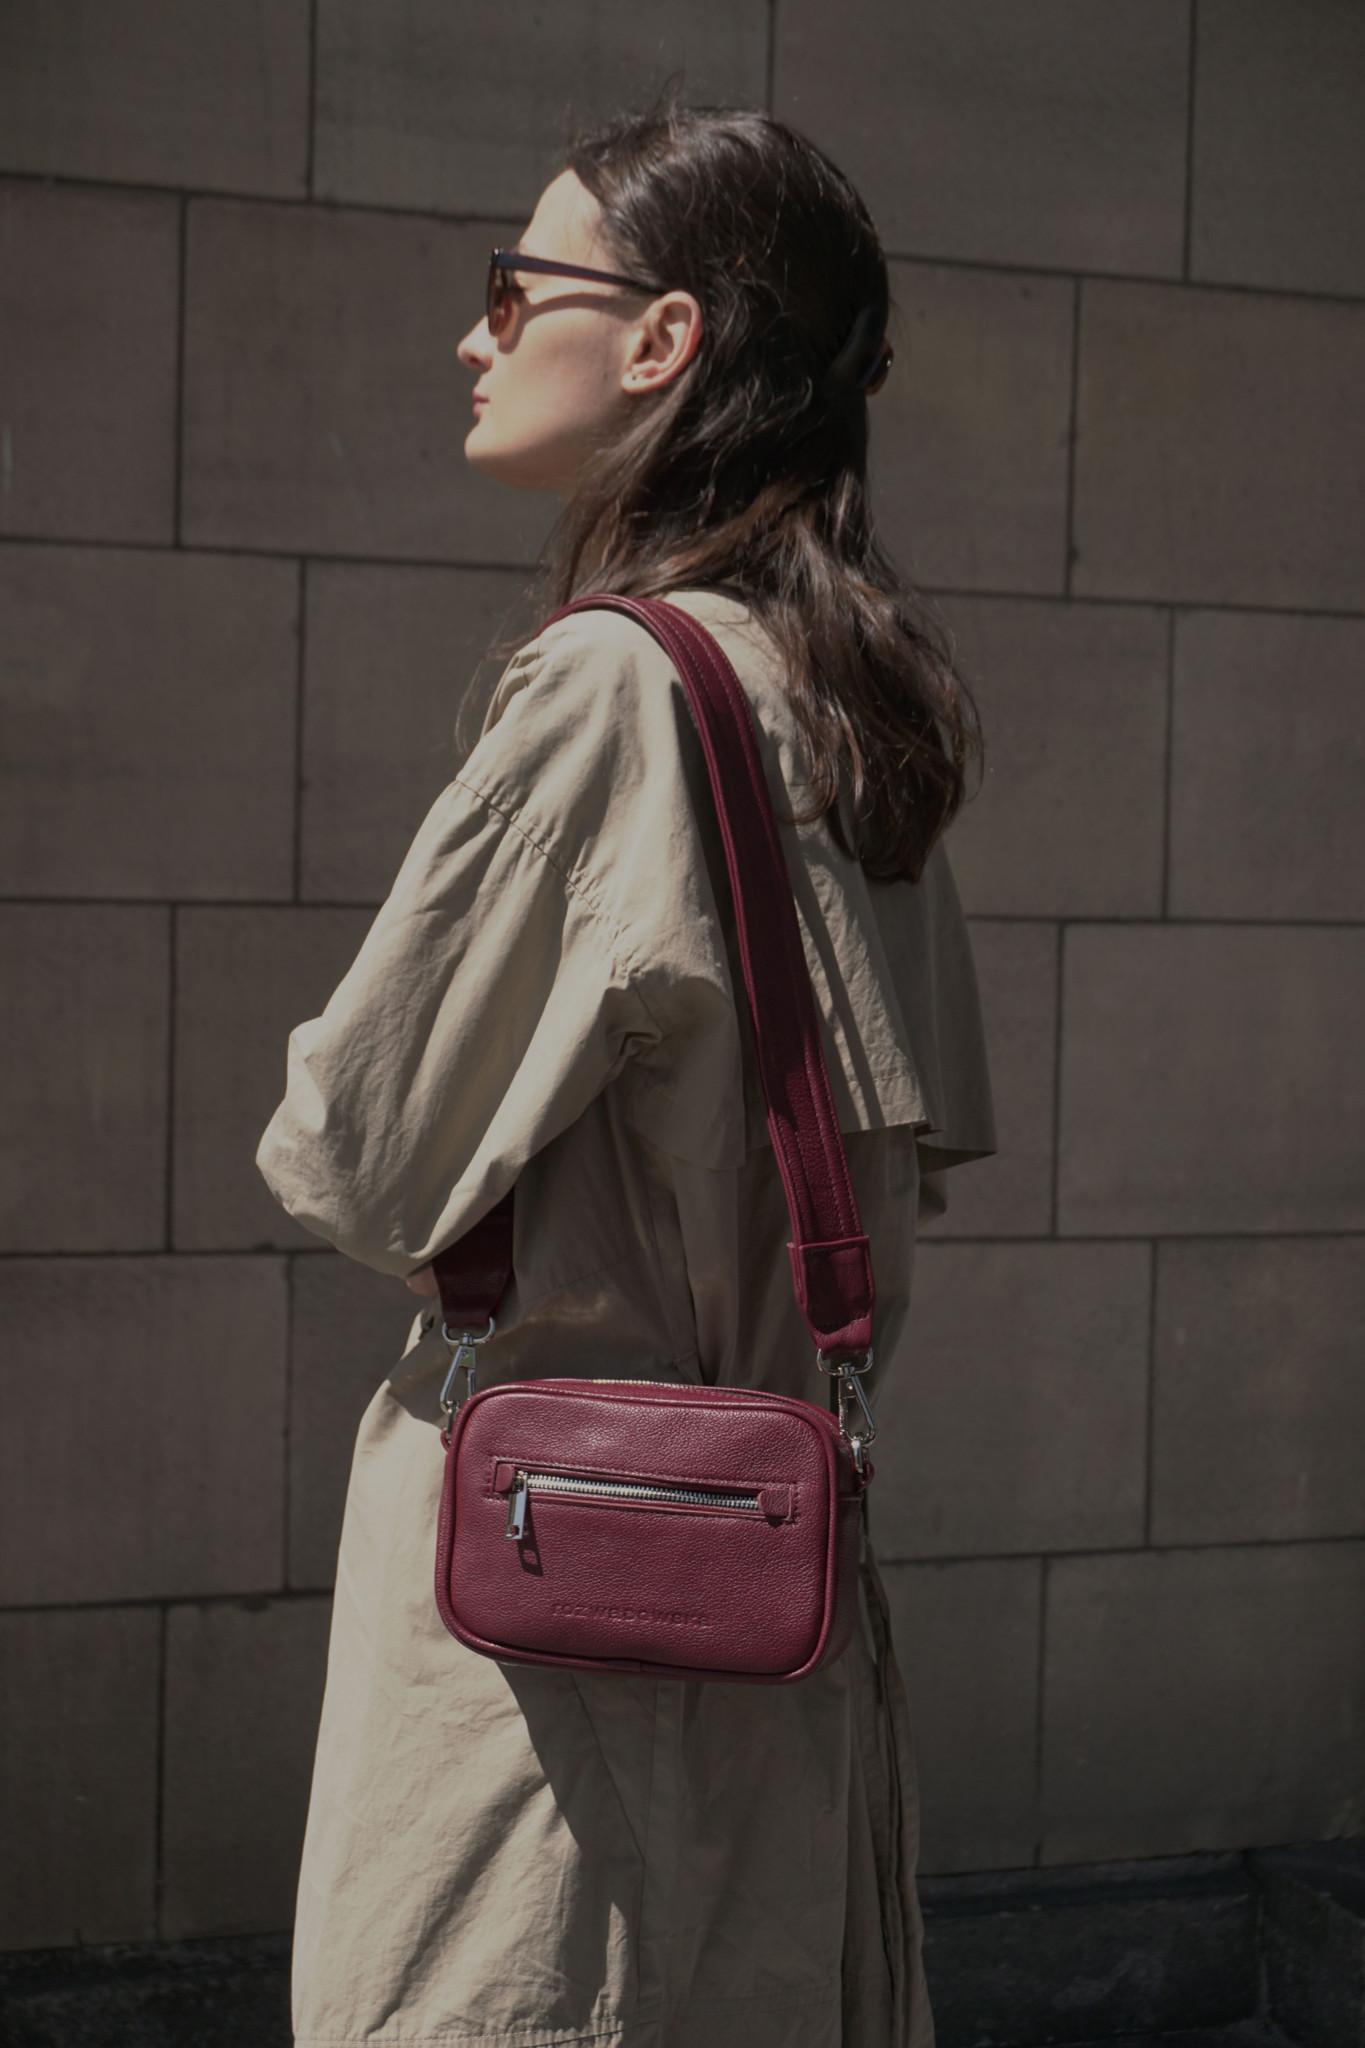 BOXY MINI BORDO - torebka w kształcie pudełka - torebka na pasek - torebka na suwak - torebka bordo - Rozwadowska Bags